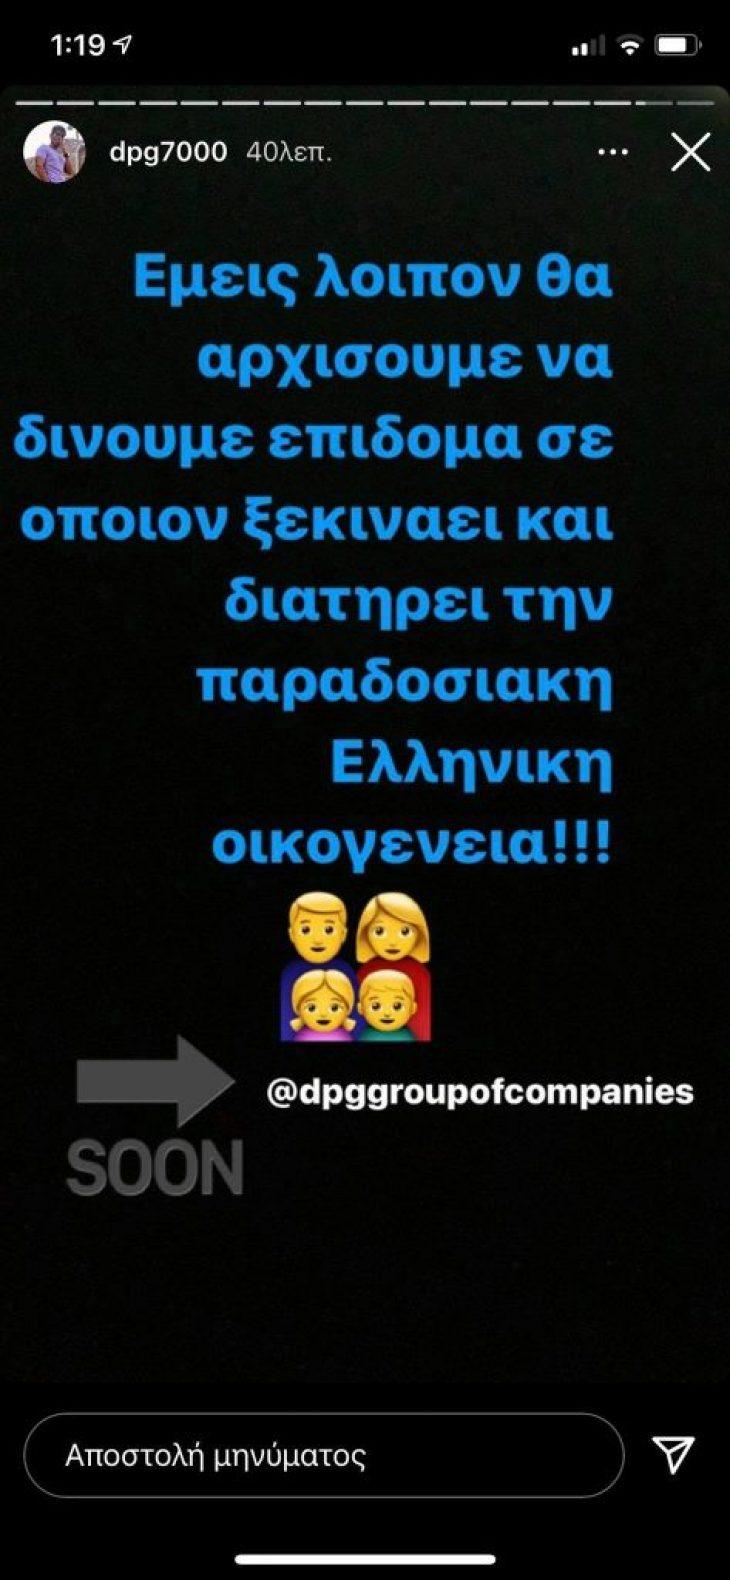 Δημήτρης Γιαννακόπουλος: «Δίνουμε επίδομα σε όποιον διατηρεί παραδοσιακή ελληνική οικογένεια!»